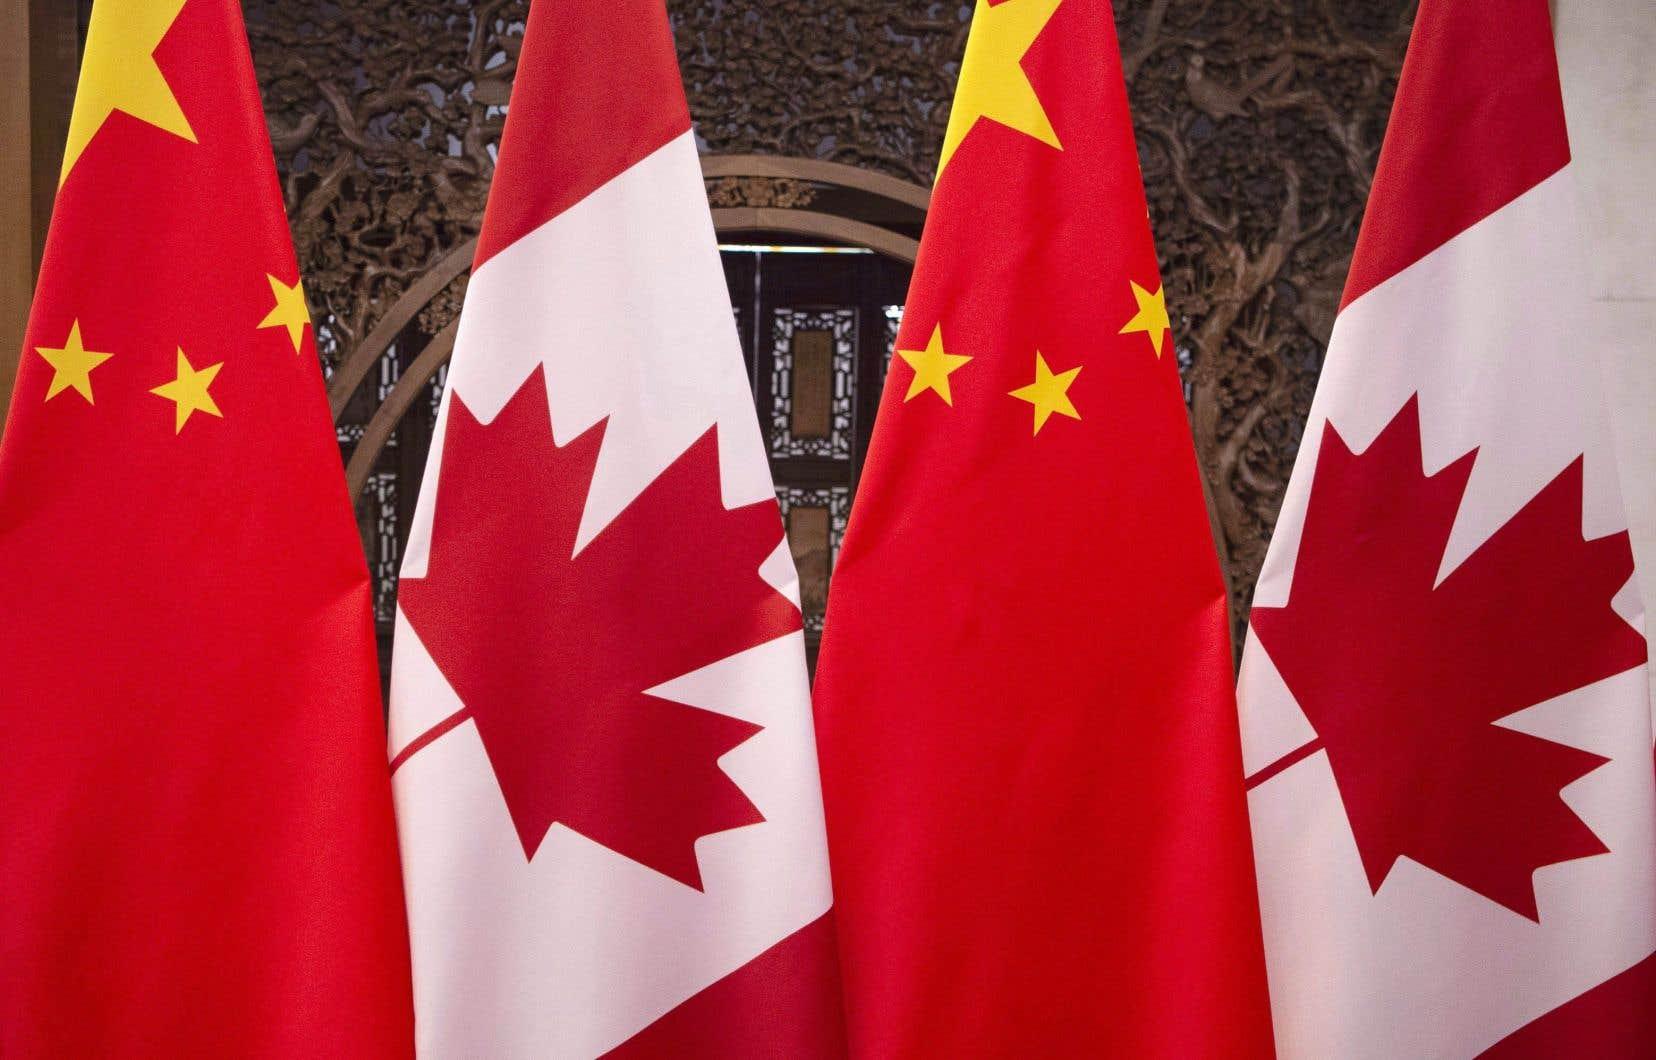 Affaires mondiales Canada a déclaré qu'il ne divulguera aucun autre renseignement au sujet de la détention de ce Canadien en raison de la Loi sur la protection des renseignements personnels.